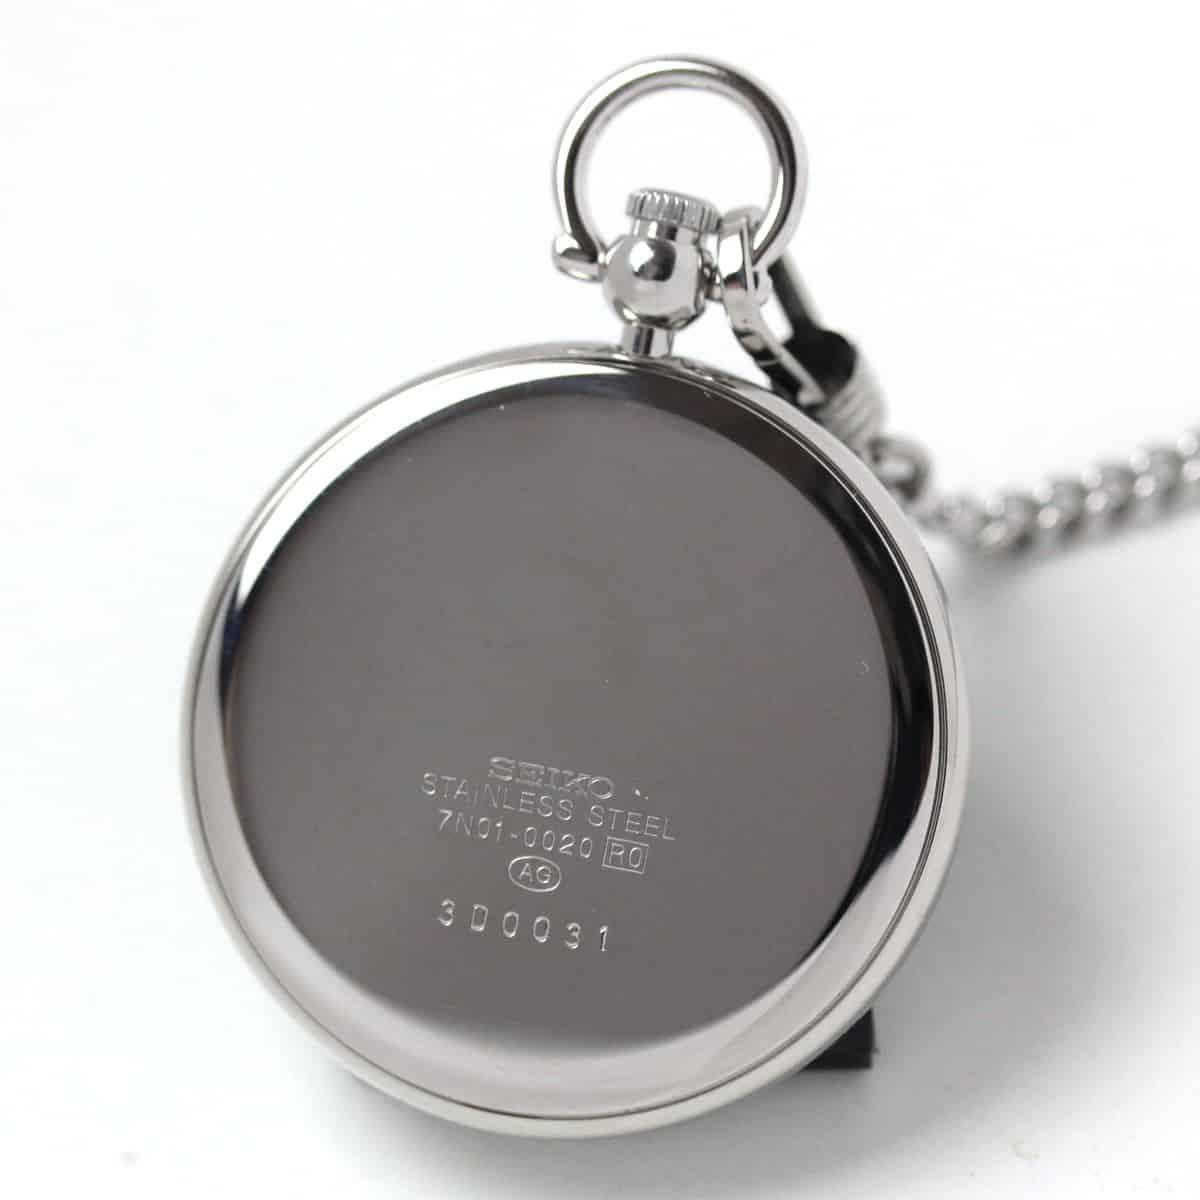 セイコー懐中時計 SAPB003 裏側